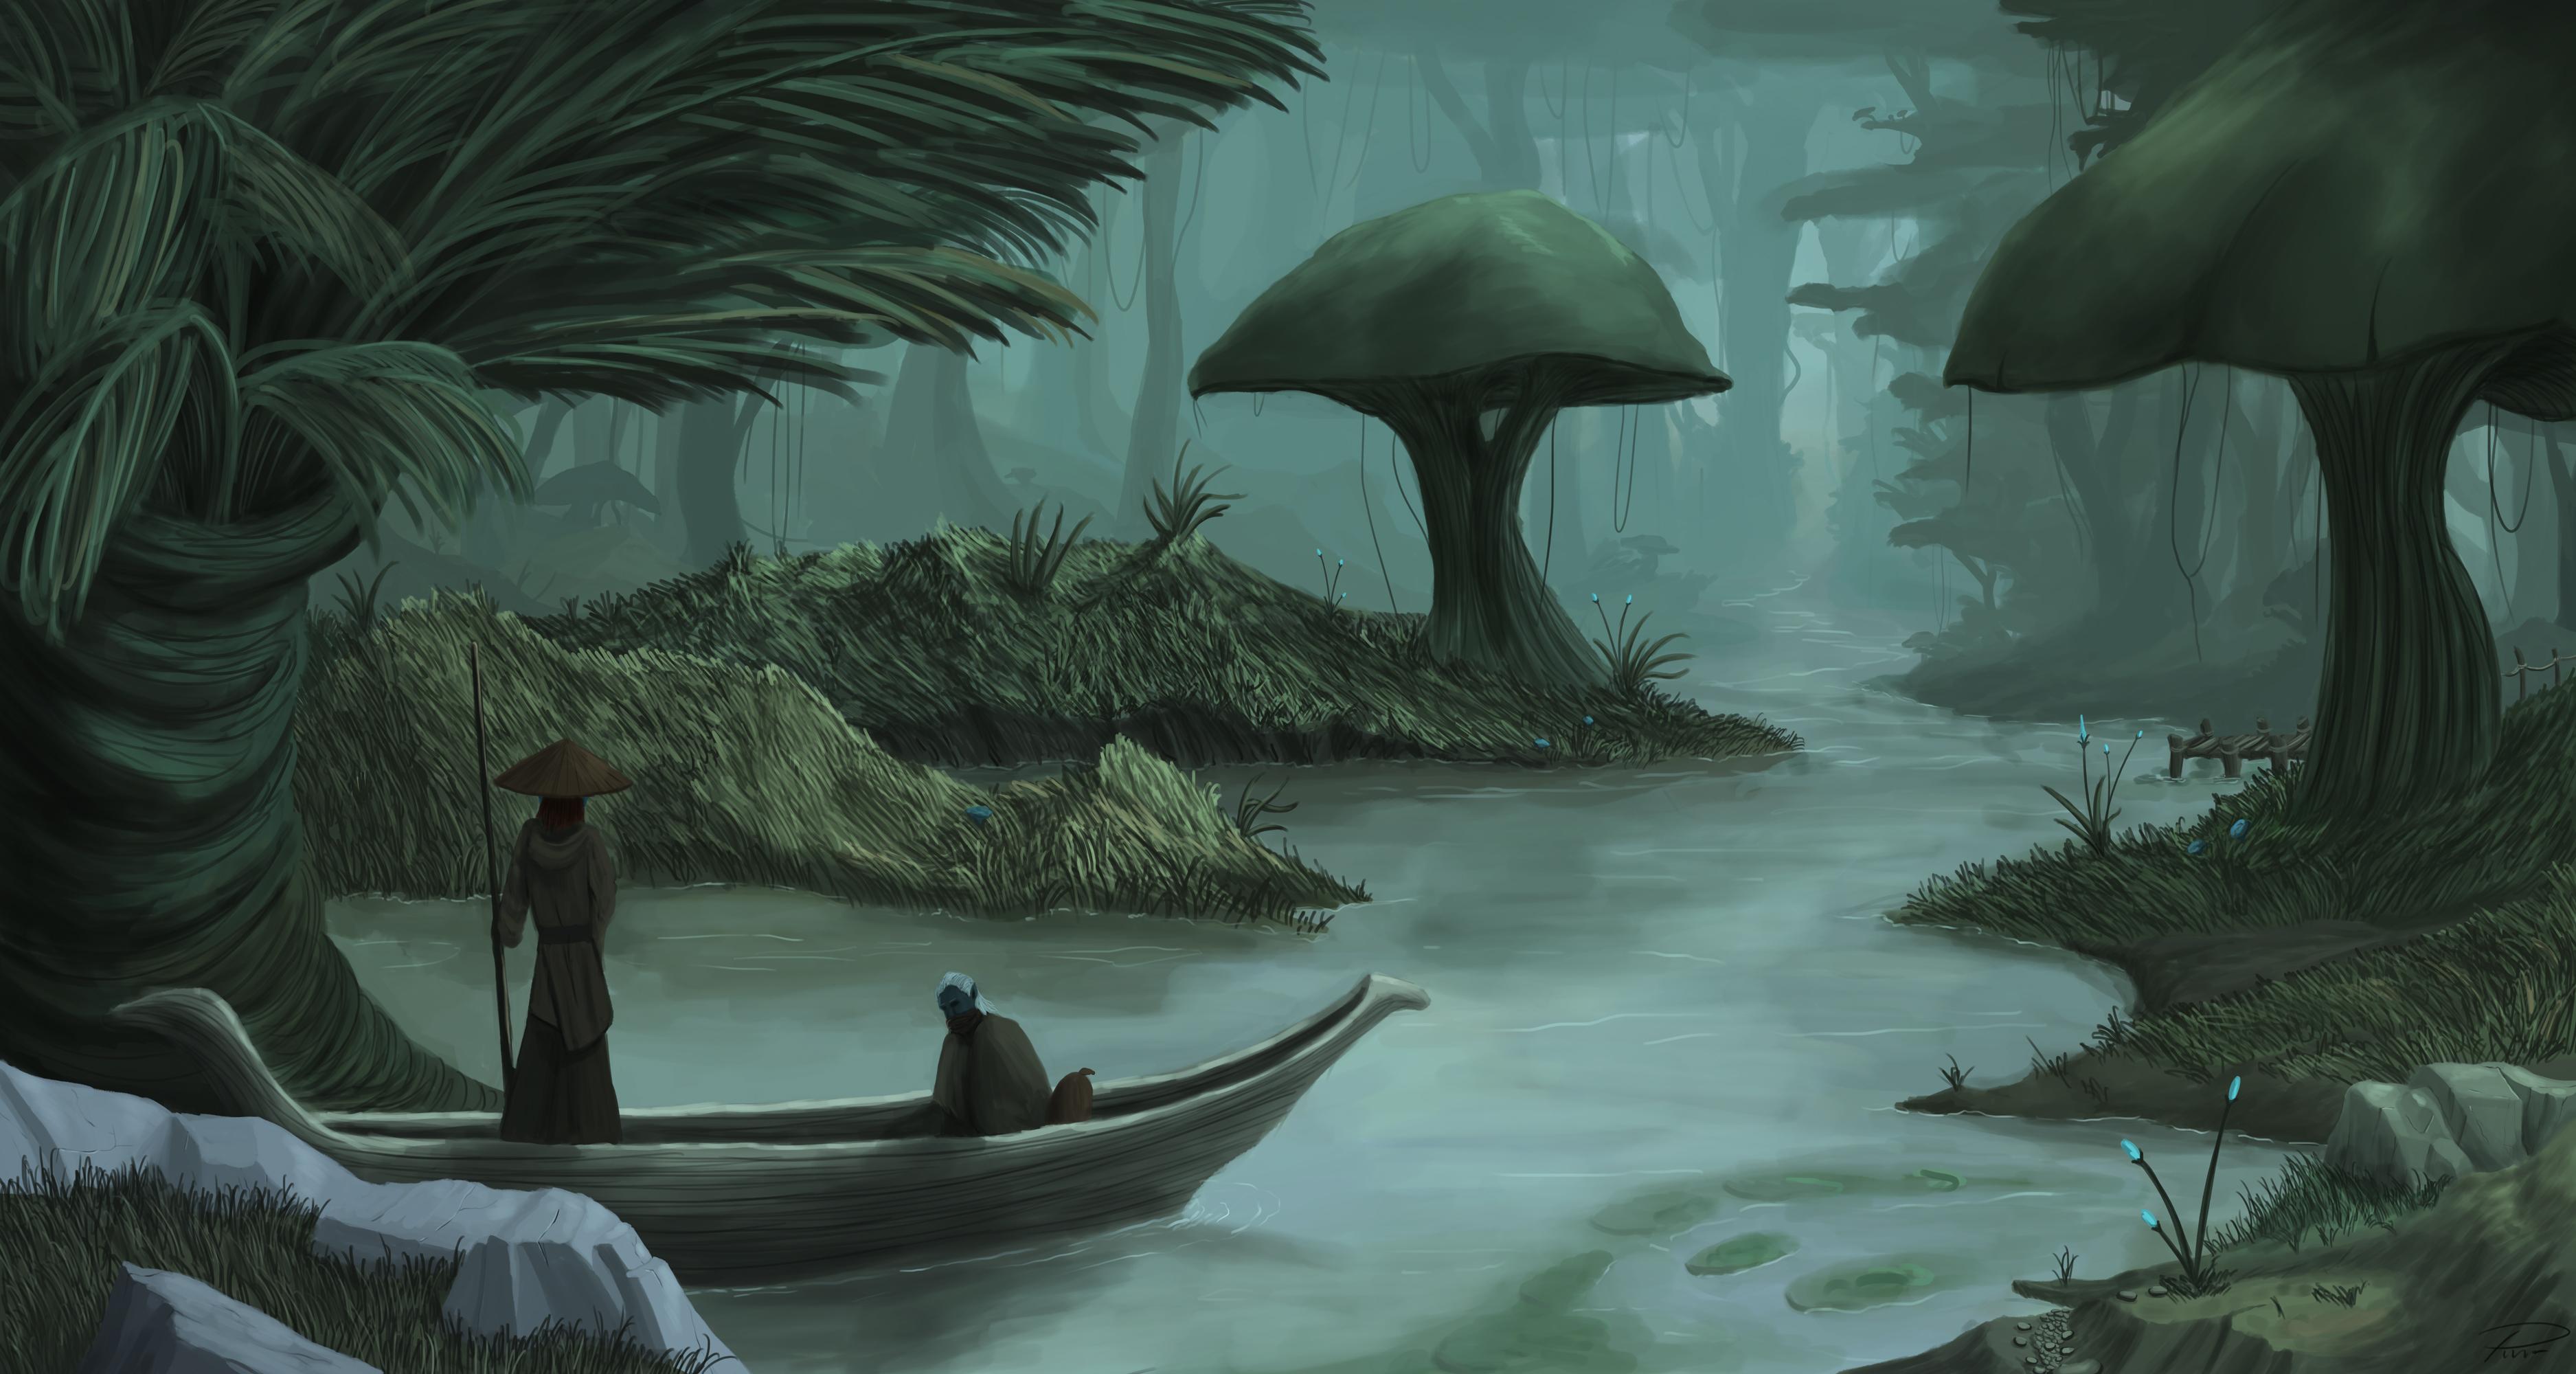 Morrowind – Peaceful waters